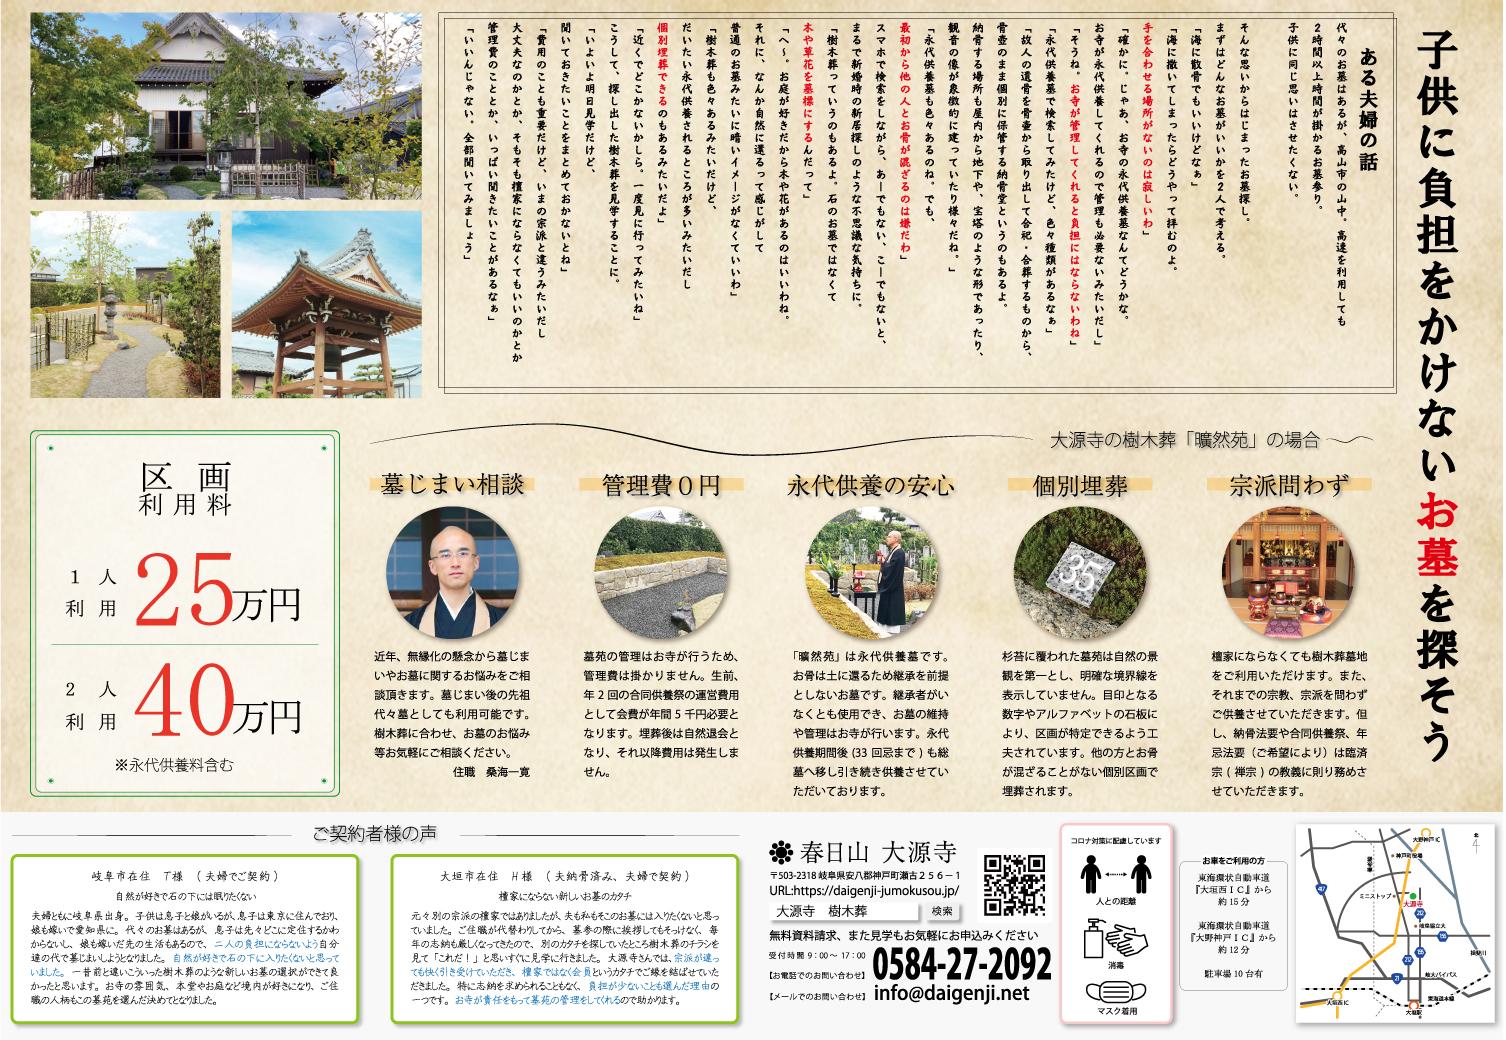 大源寺の新聞チラシ裏